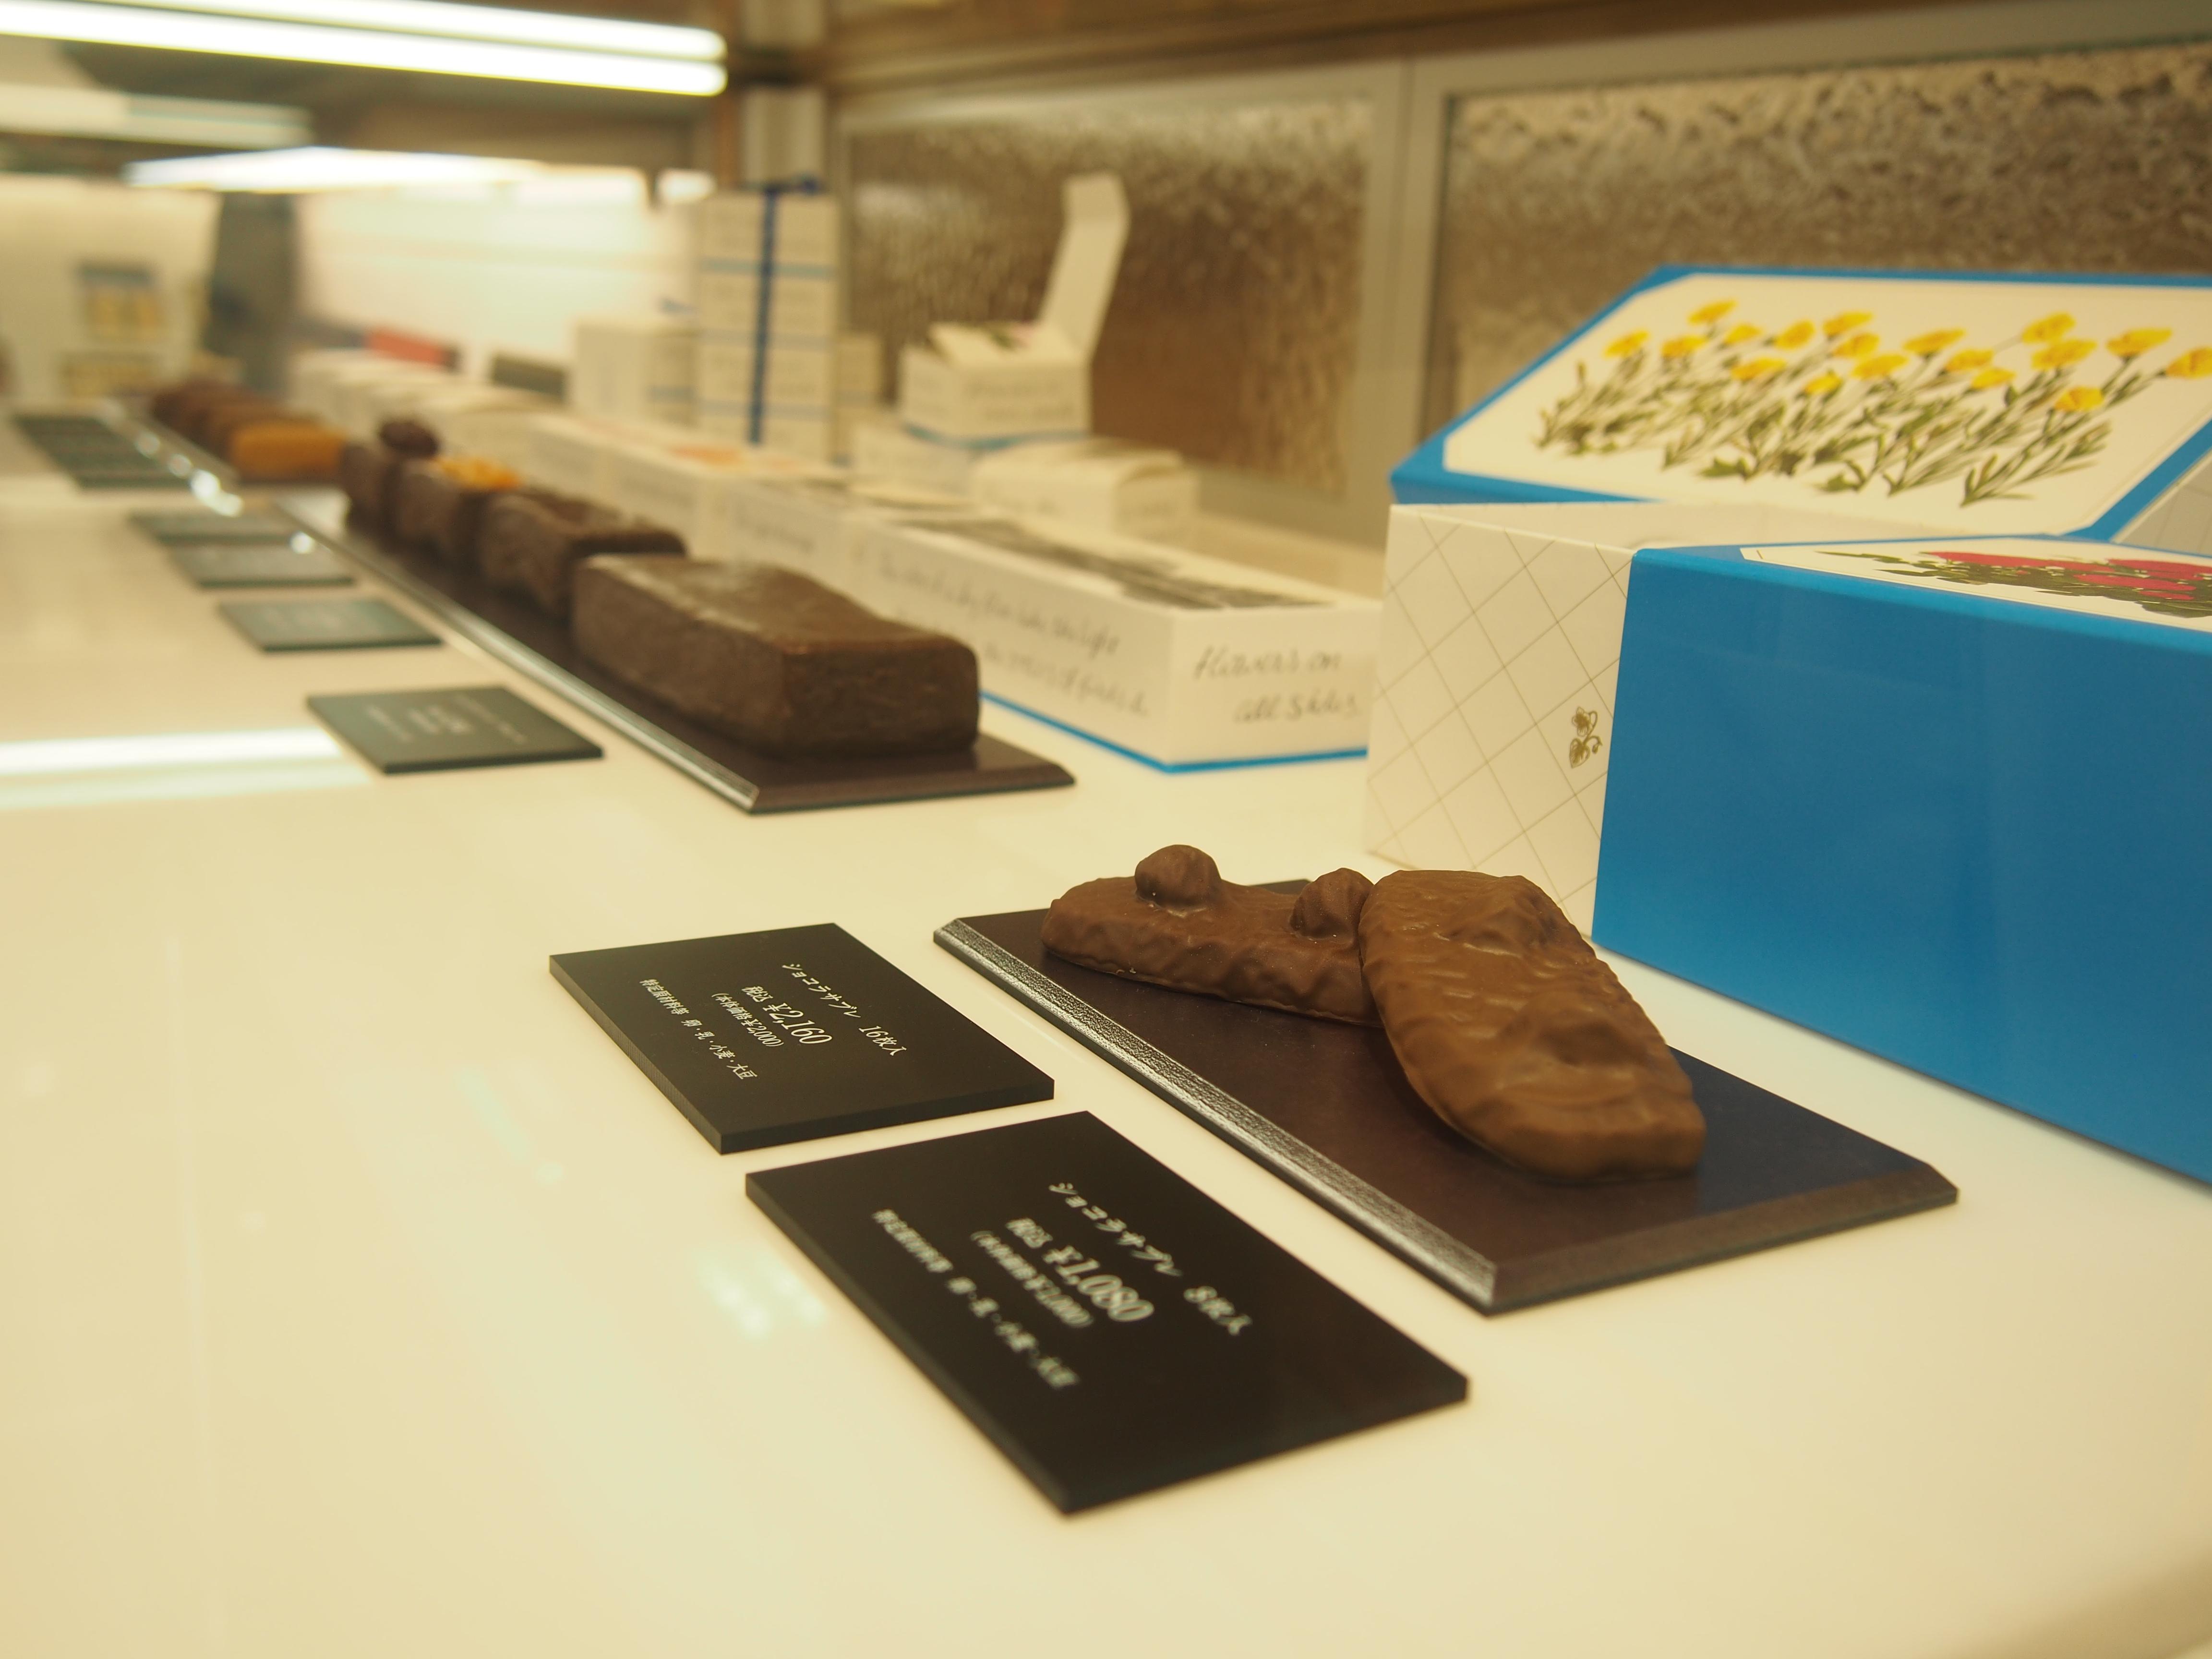 全国に先駆け名古屋に!人気チョコ専門店発の新ブランド「RURU MARY'S」 - PA032366